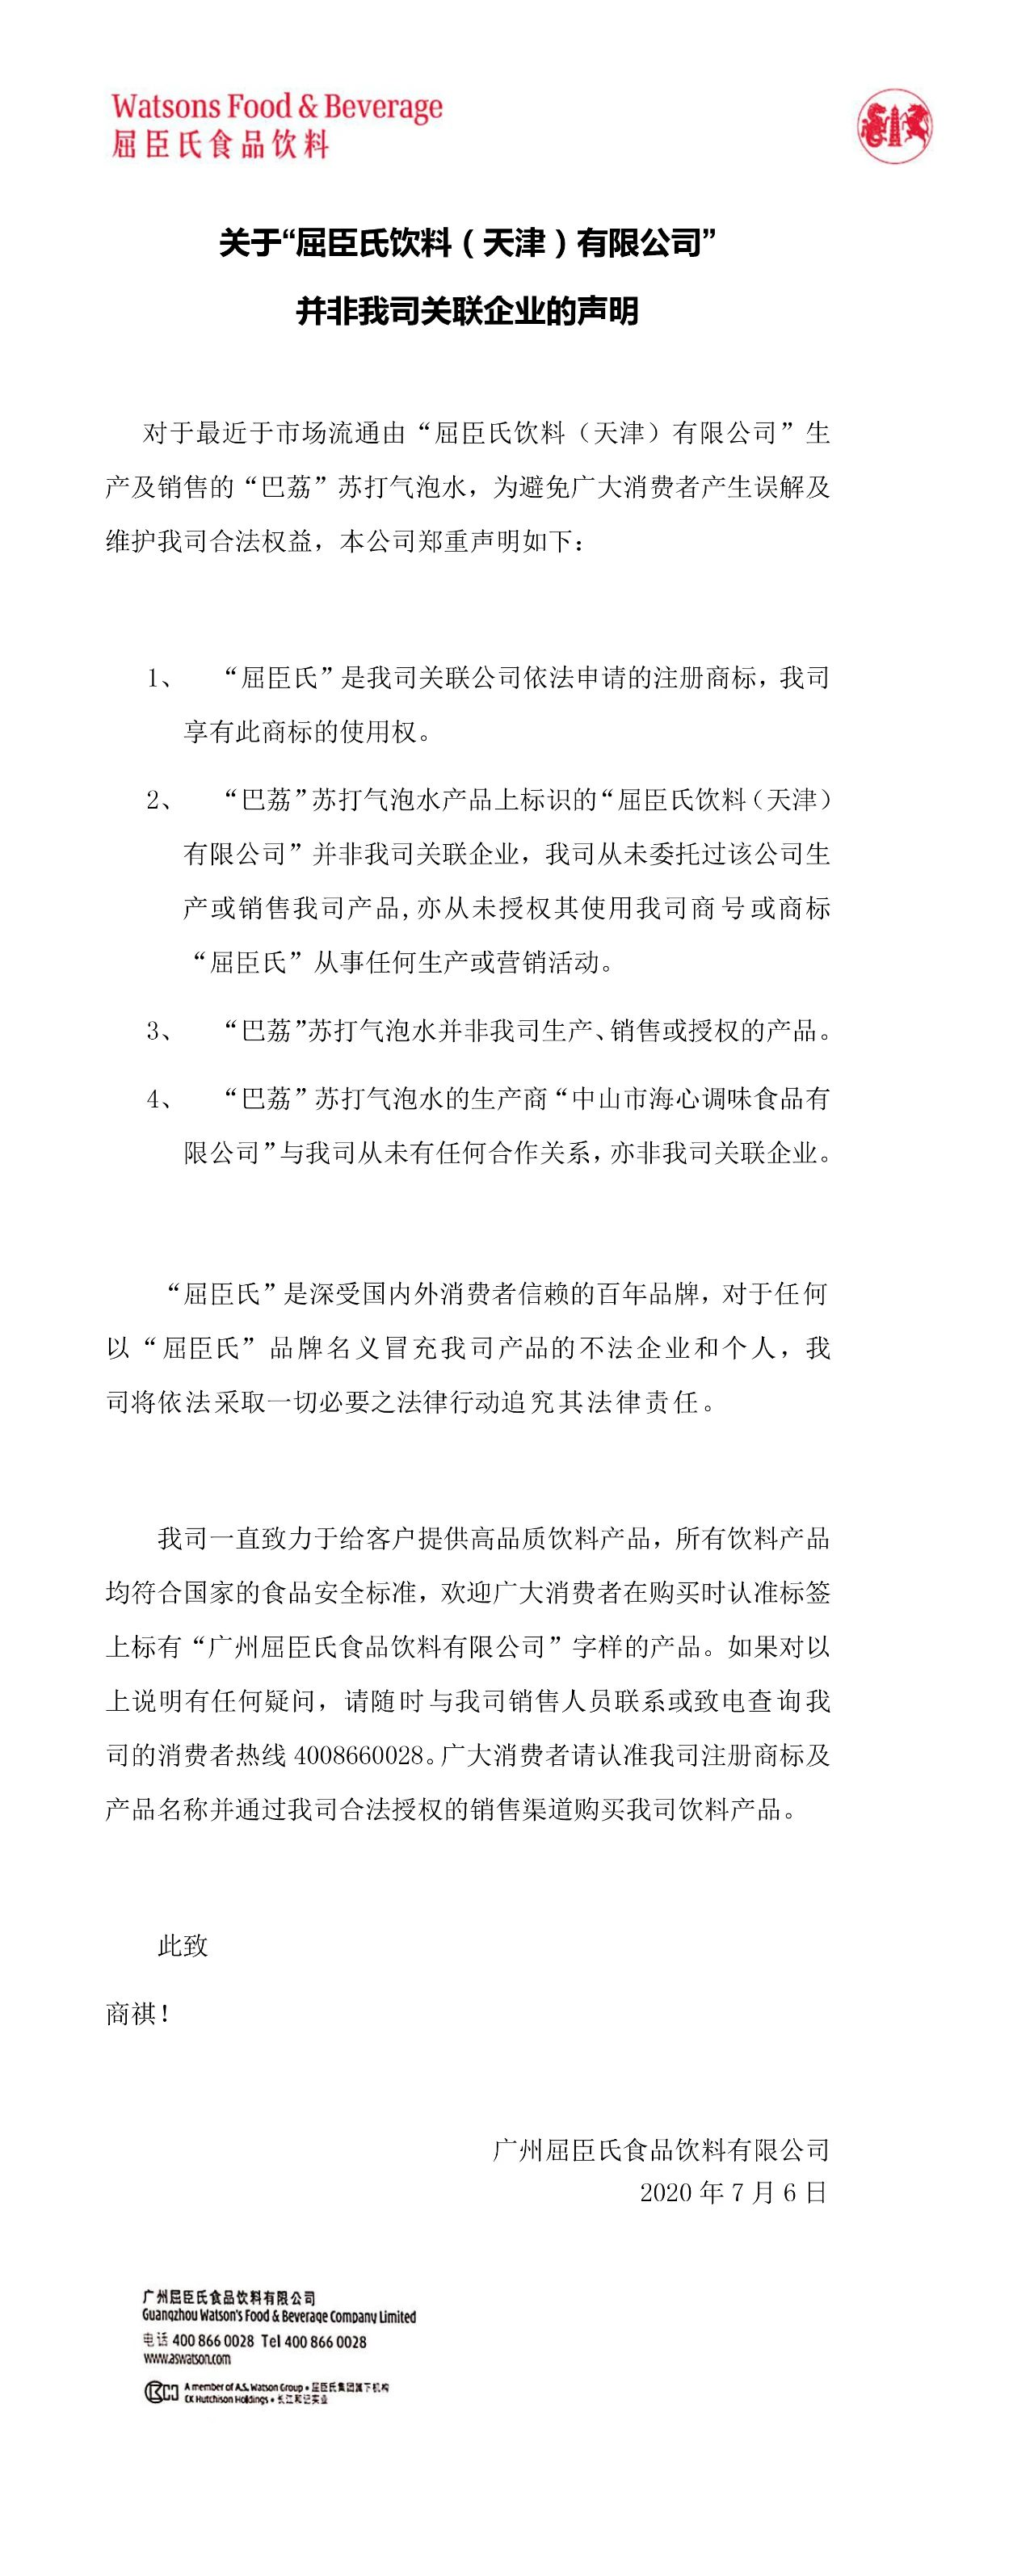 「摩鑫开户」氏声明称与屈臣氏摩鑫开户饮料天津有限公图片